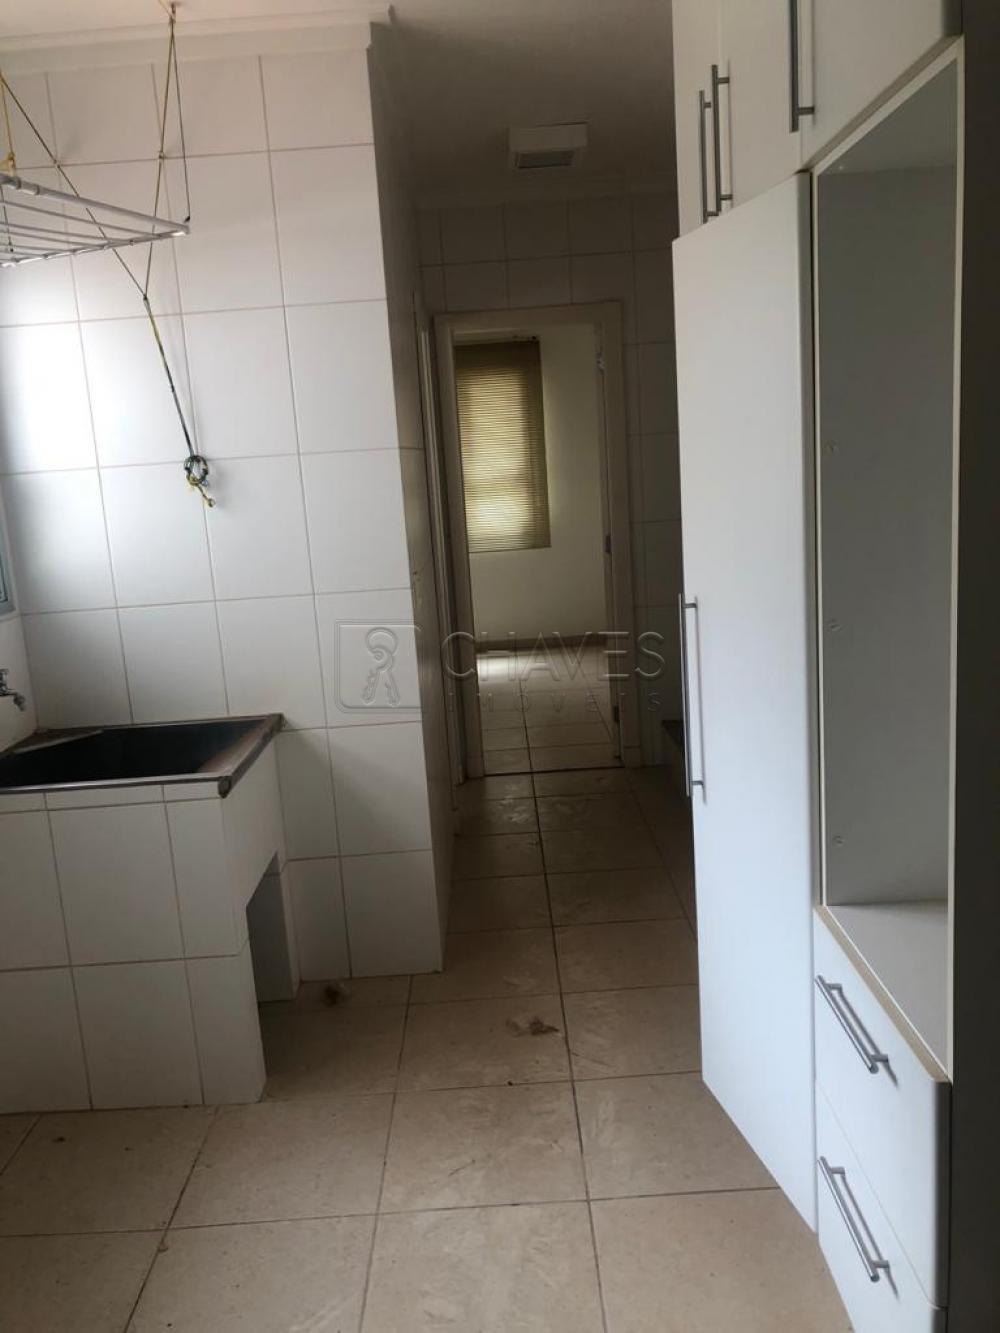 Comprar Apartamento / Padrão em Ribeirão Preto R$ 1.400.000,00 - Foto 12